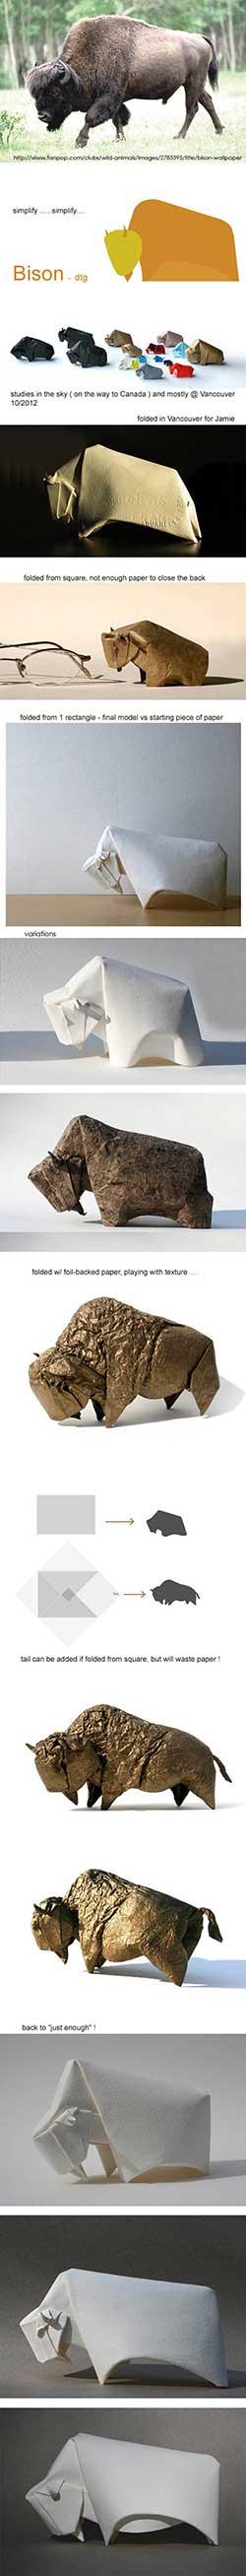 bison evolution